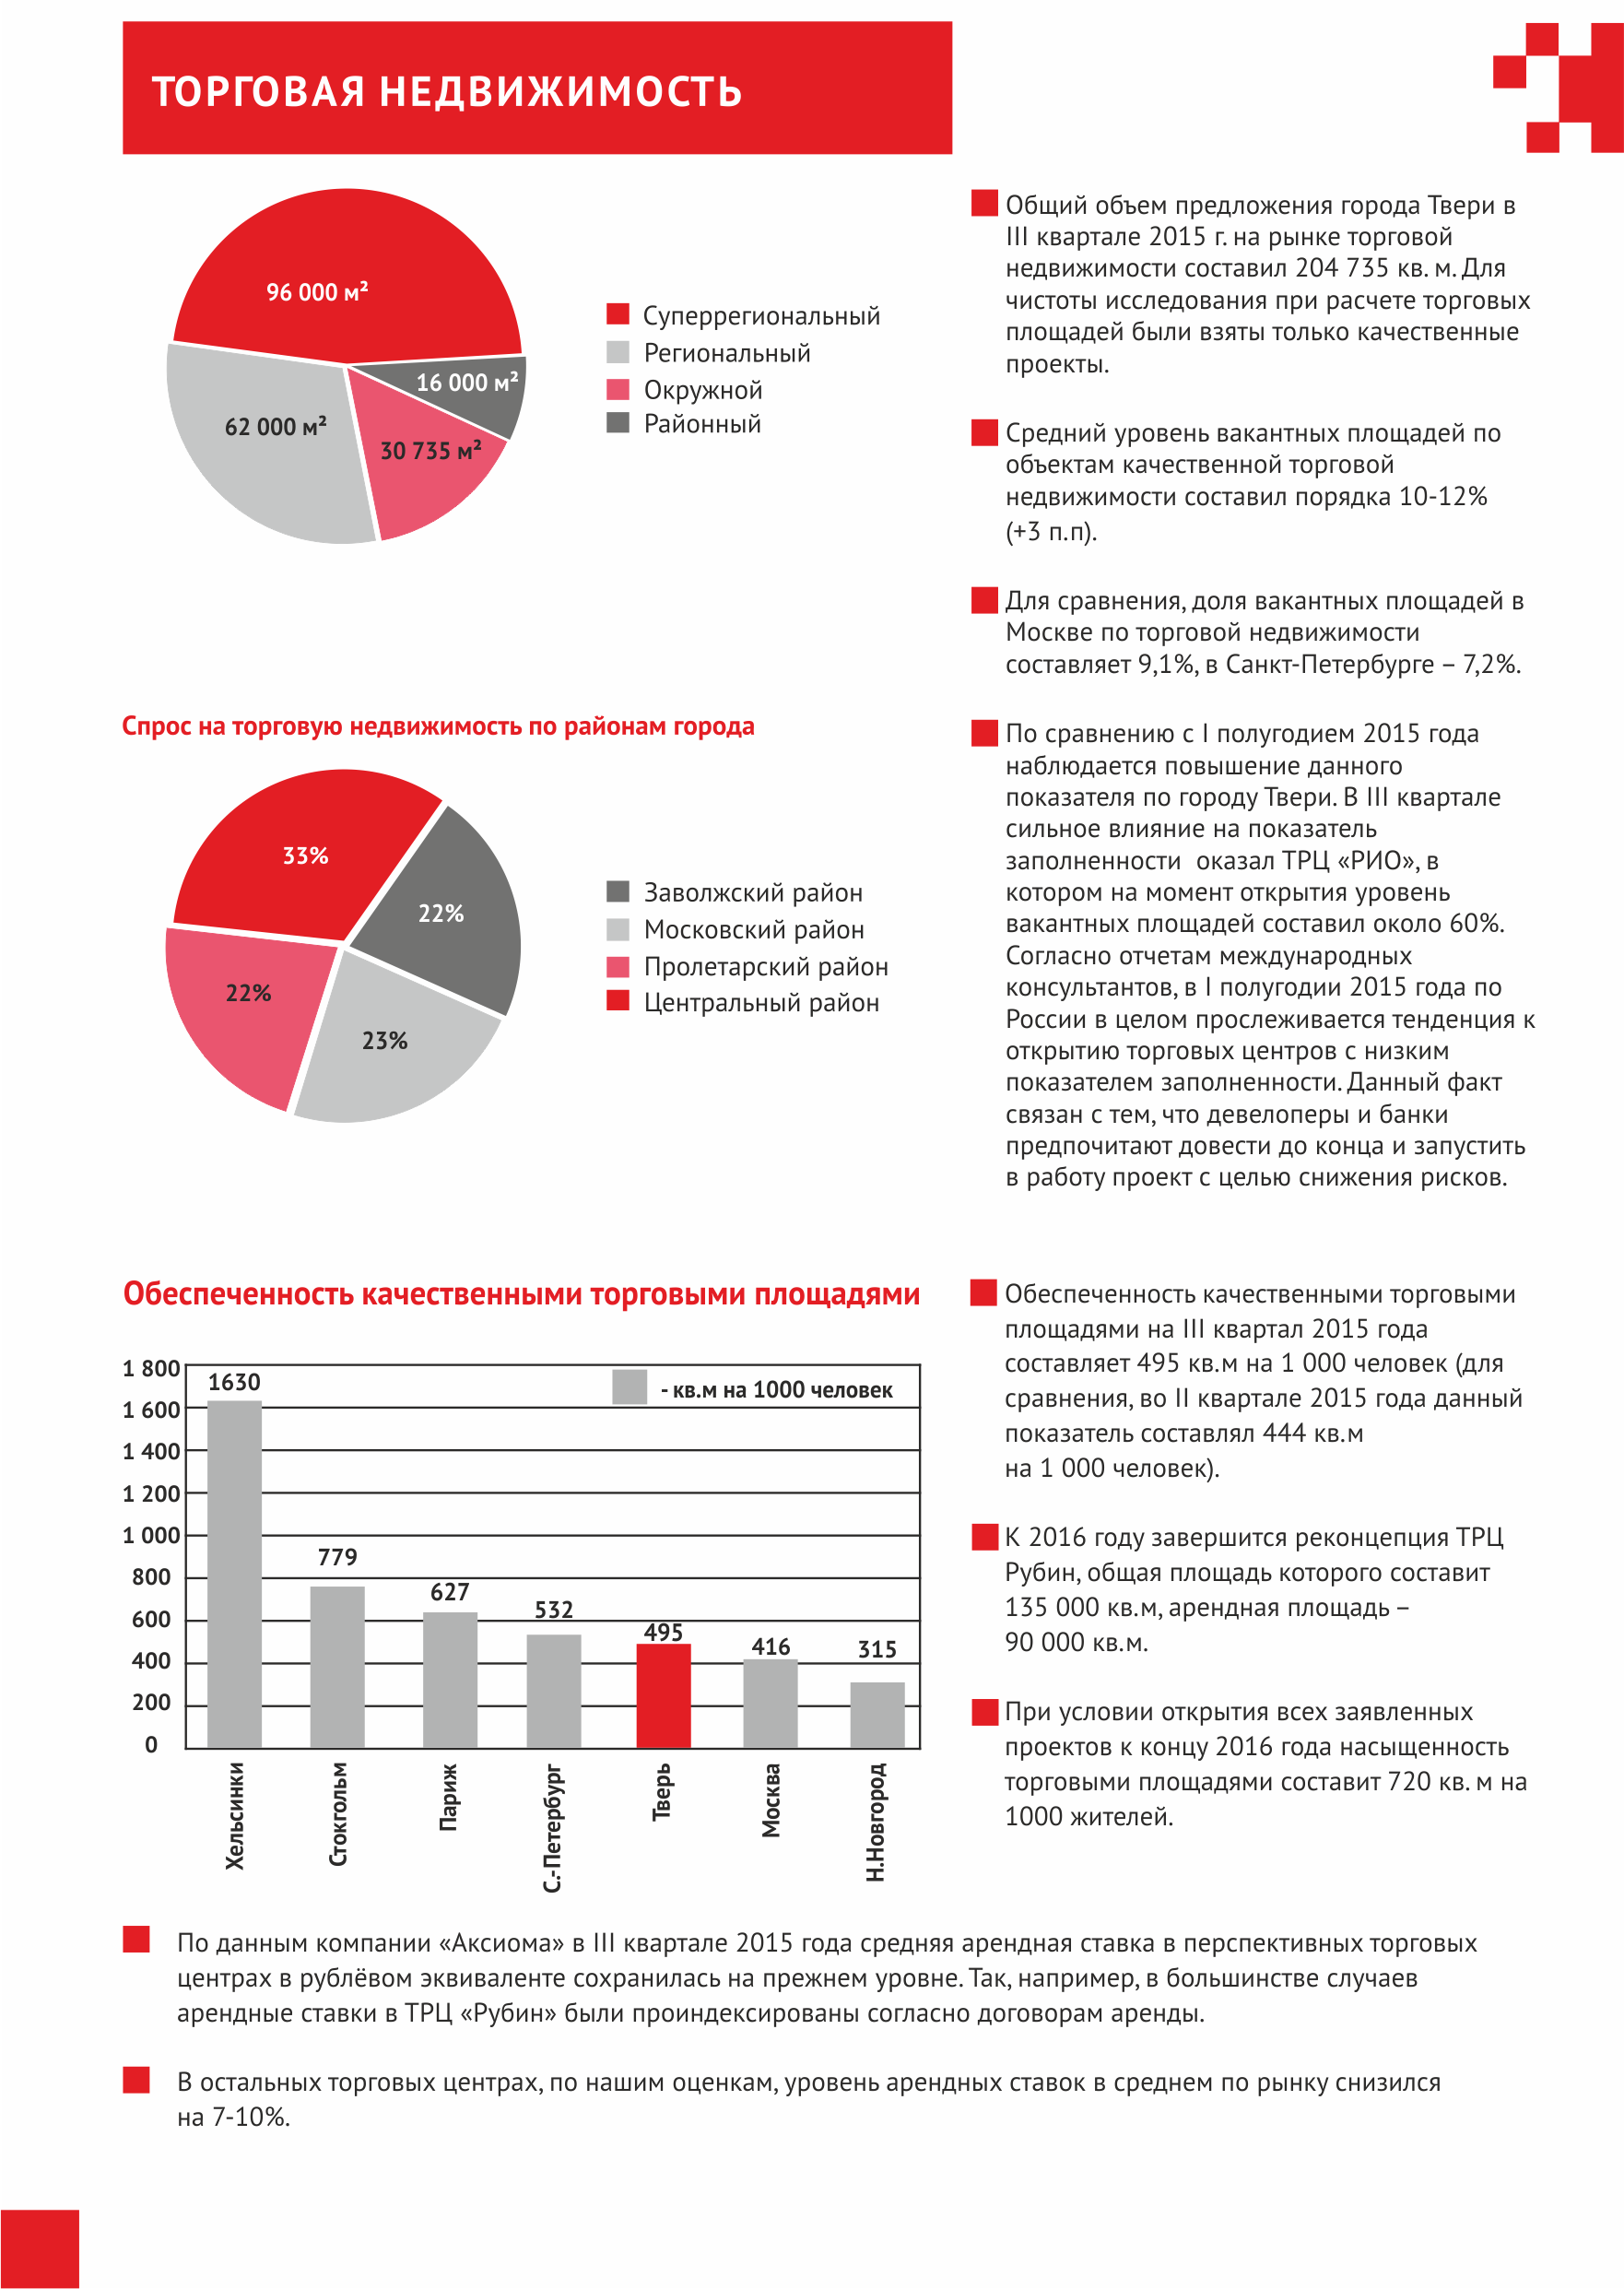 Анализ рынка коммерческой недвижимости 1 квартал 2015 Коммерческая недвижимость Коммунистическая улица